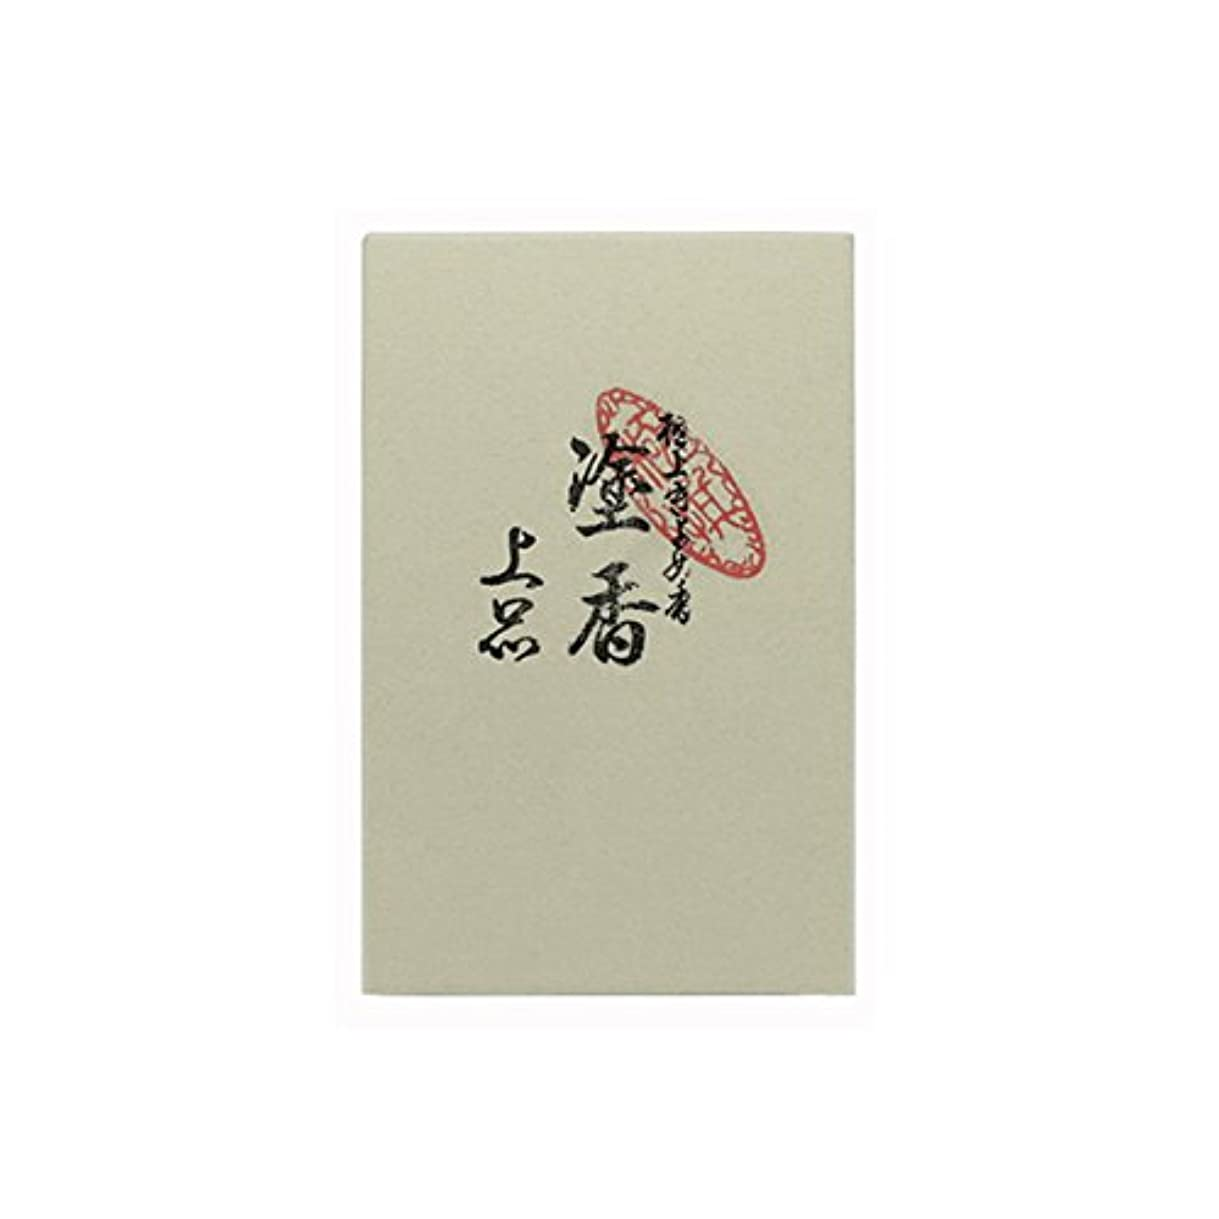 ペデスタルグリットブロックする塗香(上品) 20g入